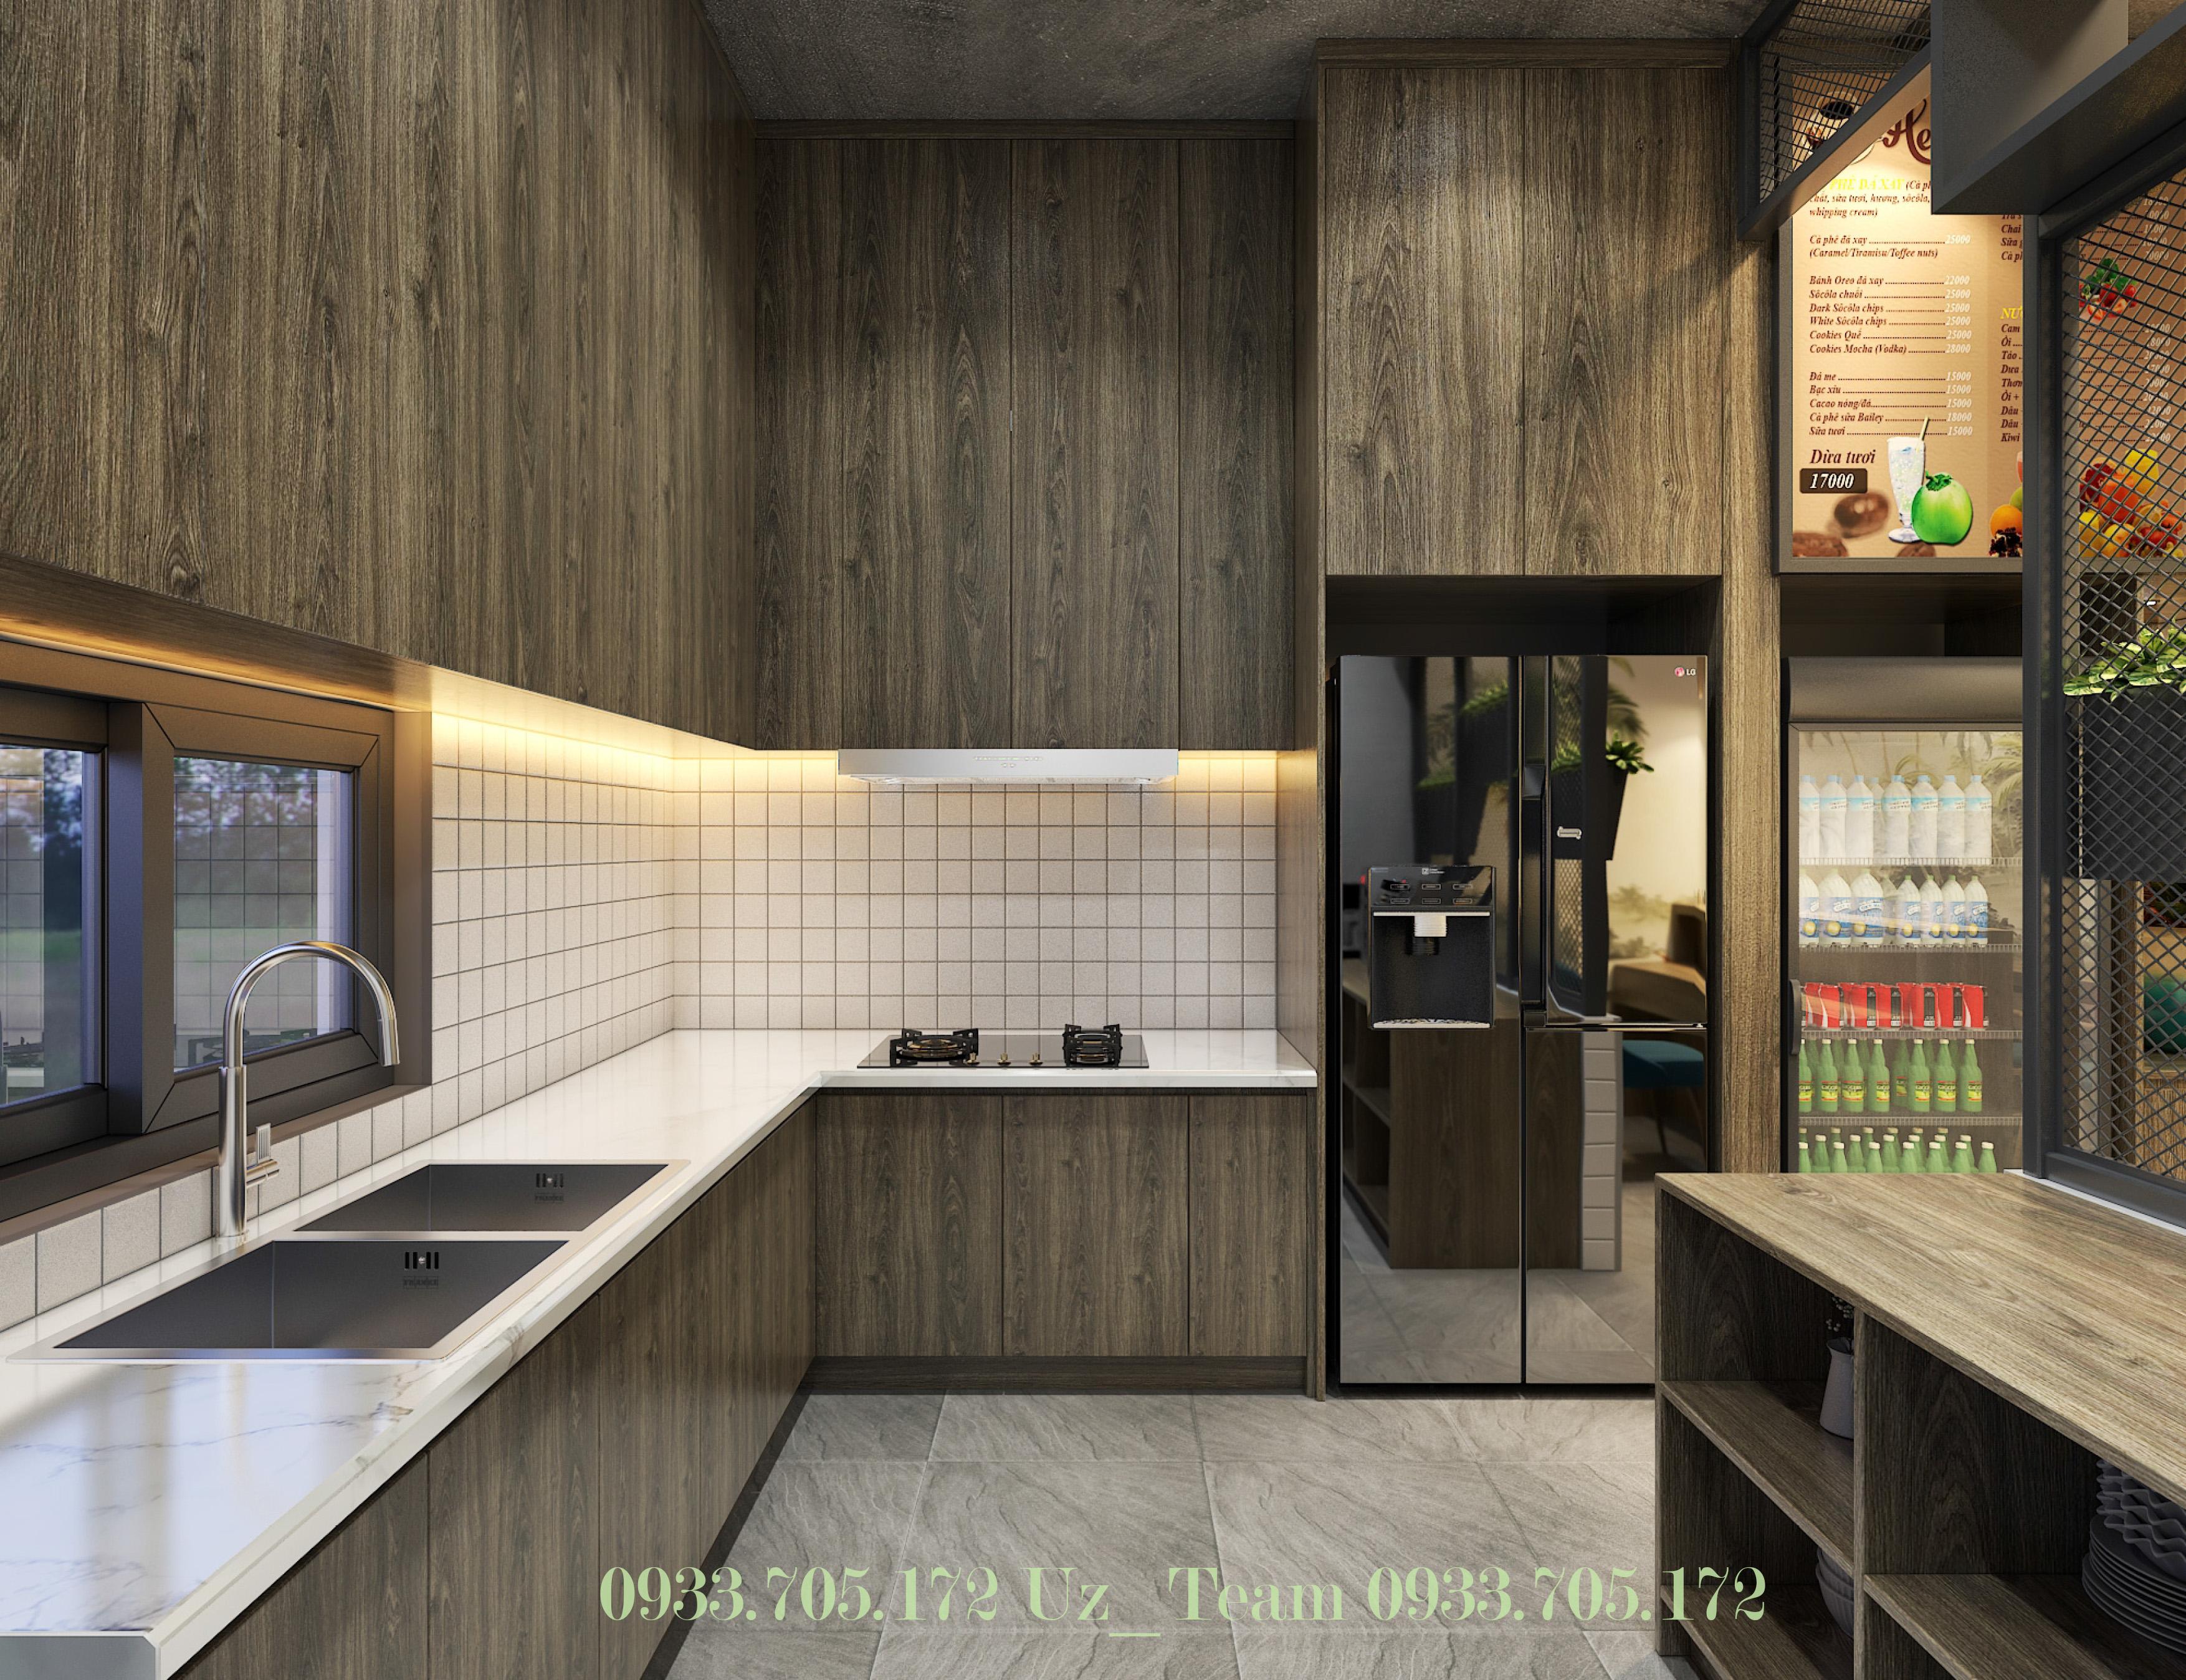 Thiết kế nội thất Cafe tại Hồ Chí Minh COFFEE HOÀNG VĨNH 1634052091 5